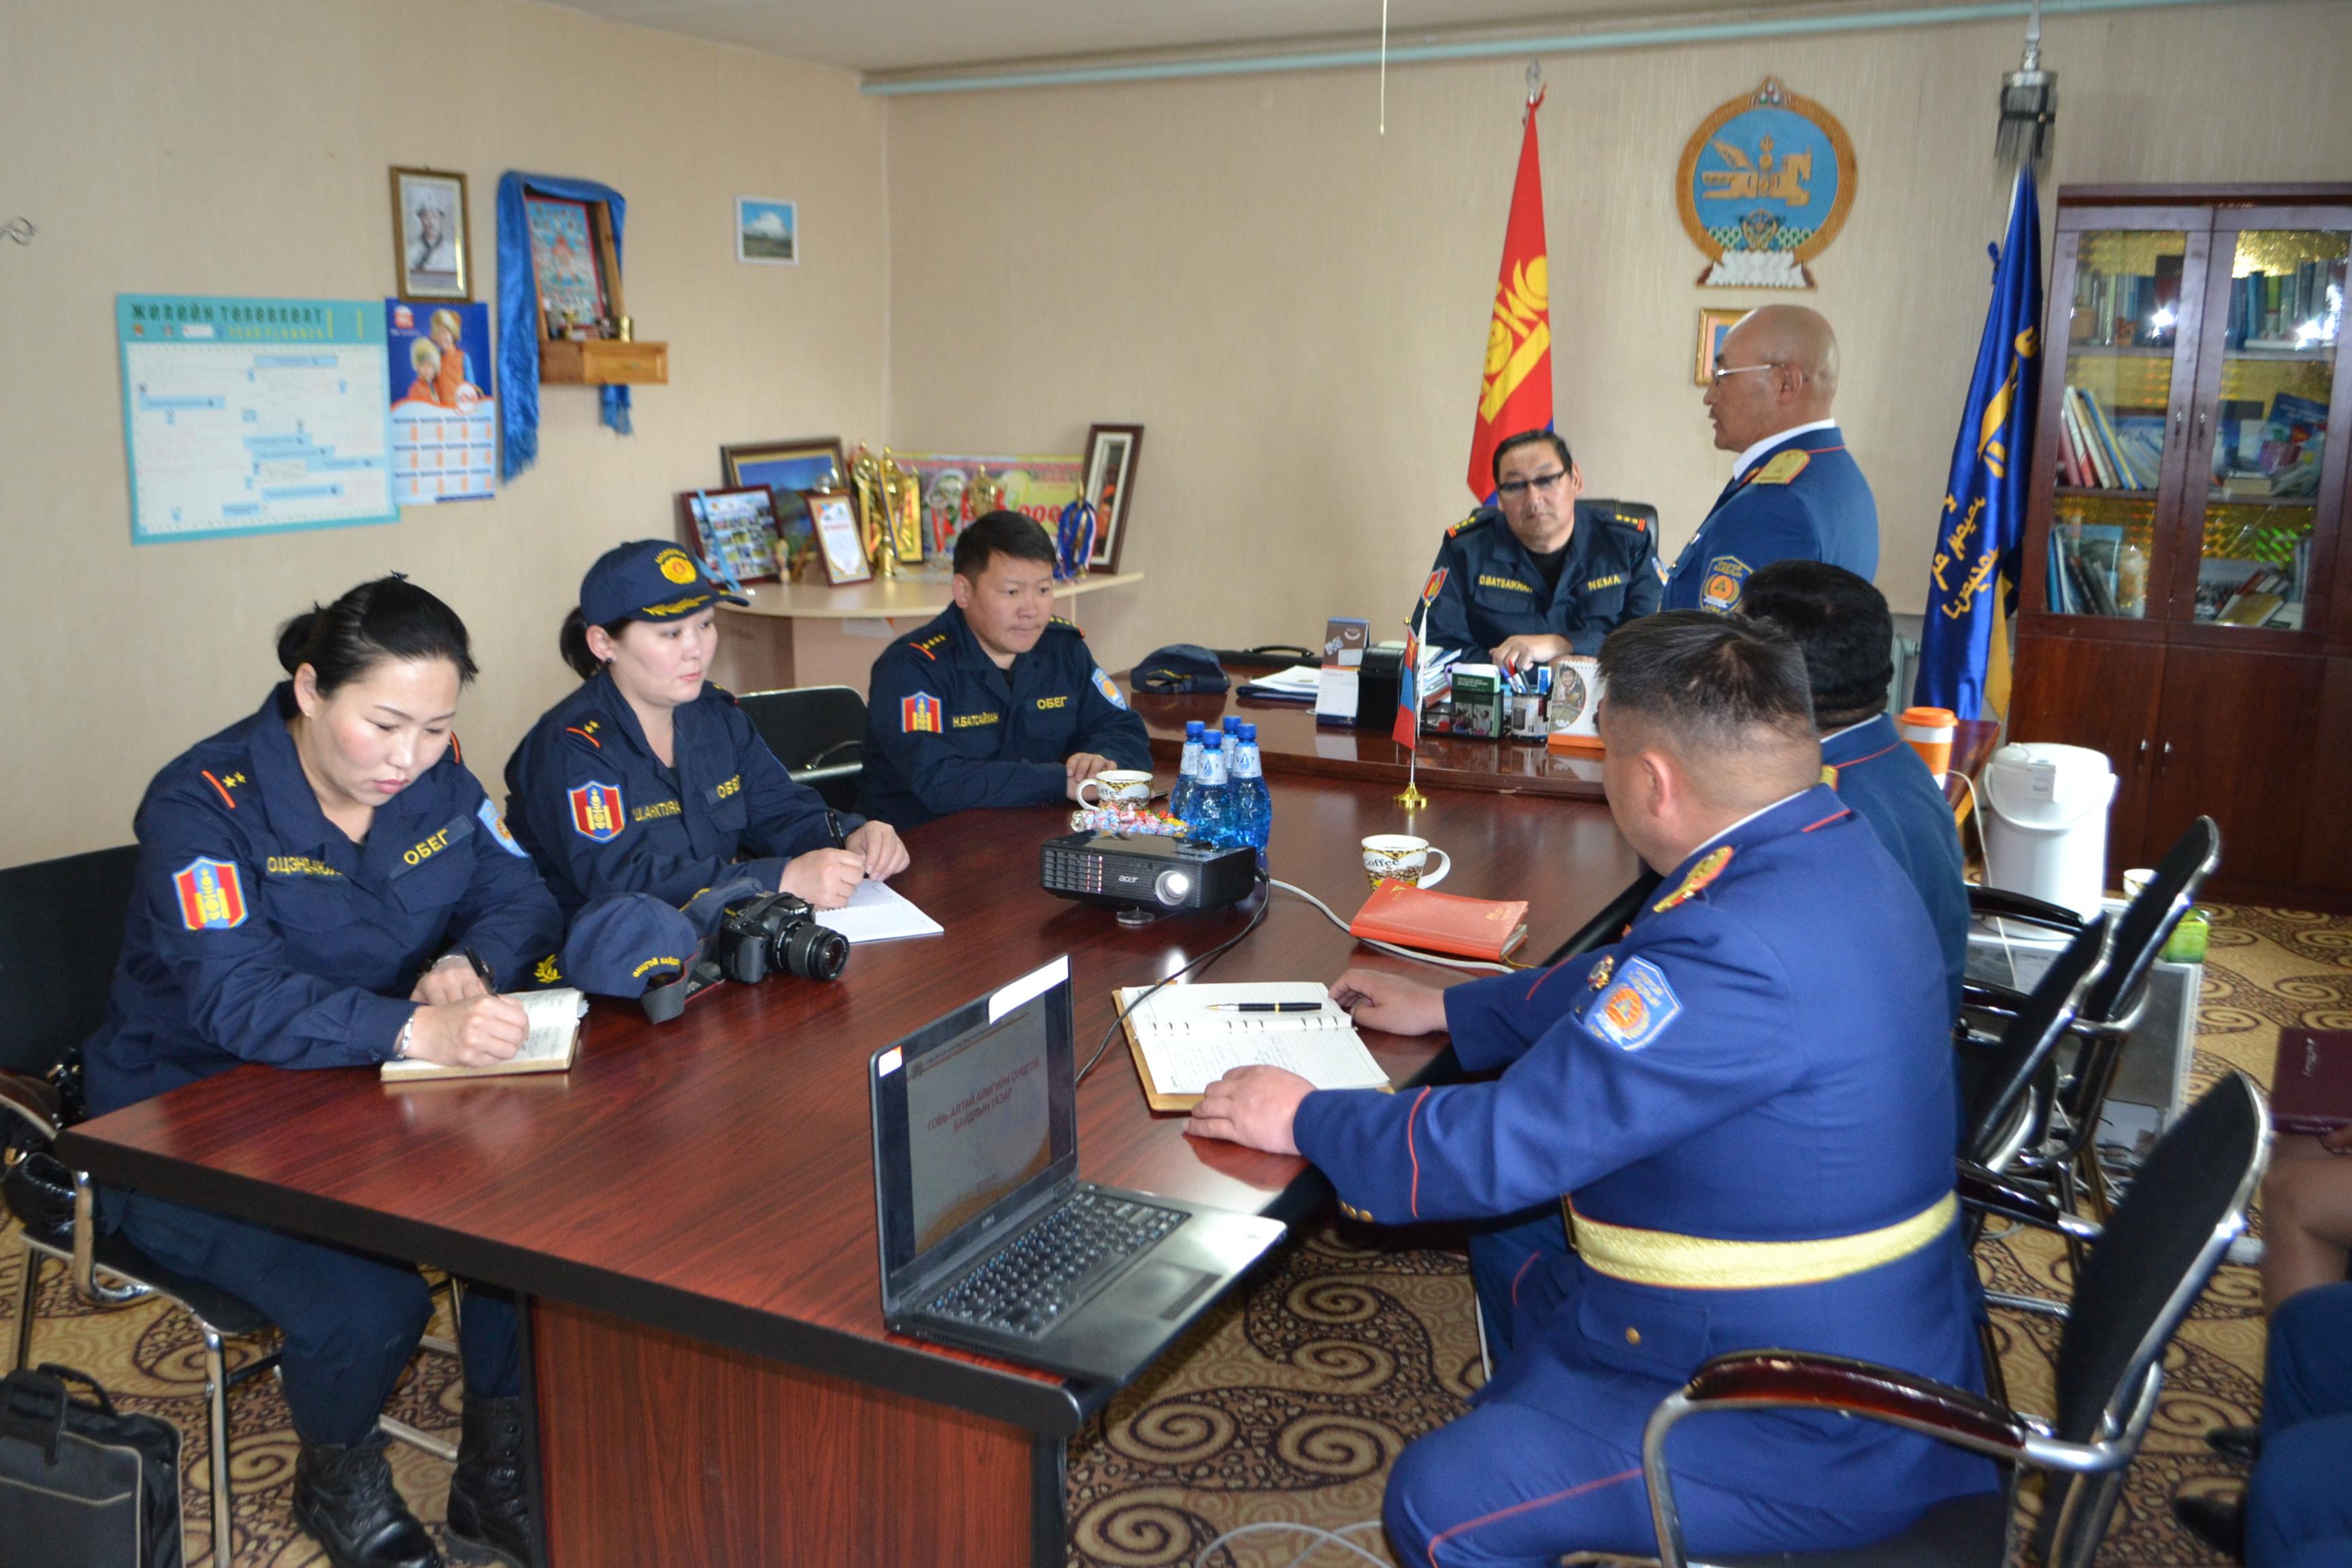 ОБЕГ-ын Гамшгаас урьдчилан сэргийлэх газрын дарга хурандаа Д.Батсайханаар ахлуулсан ажлын хэсэг Говь-Алтай аймгийн Онцгой байдлын газарт ажиллалаа.